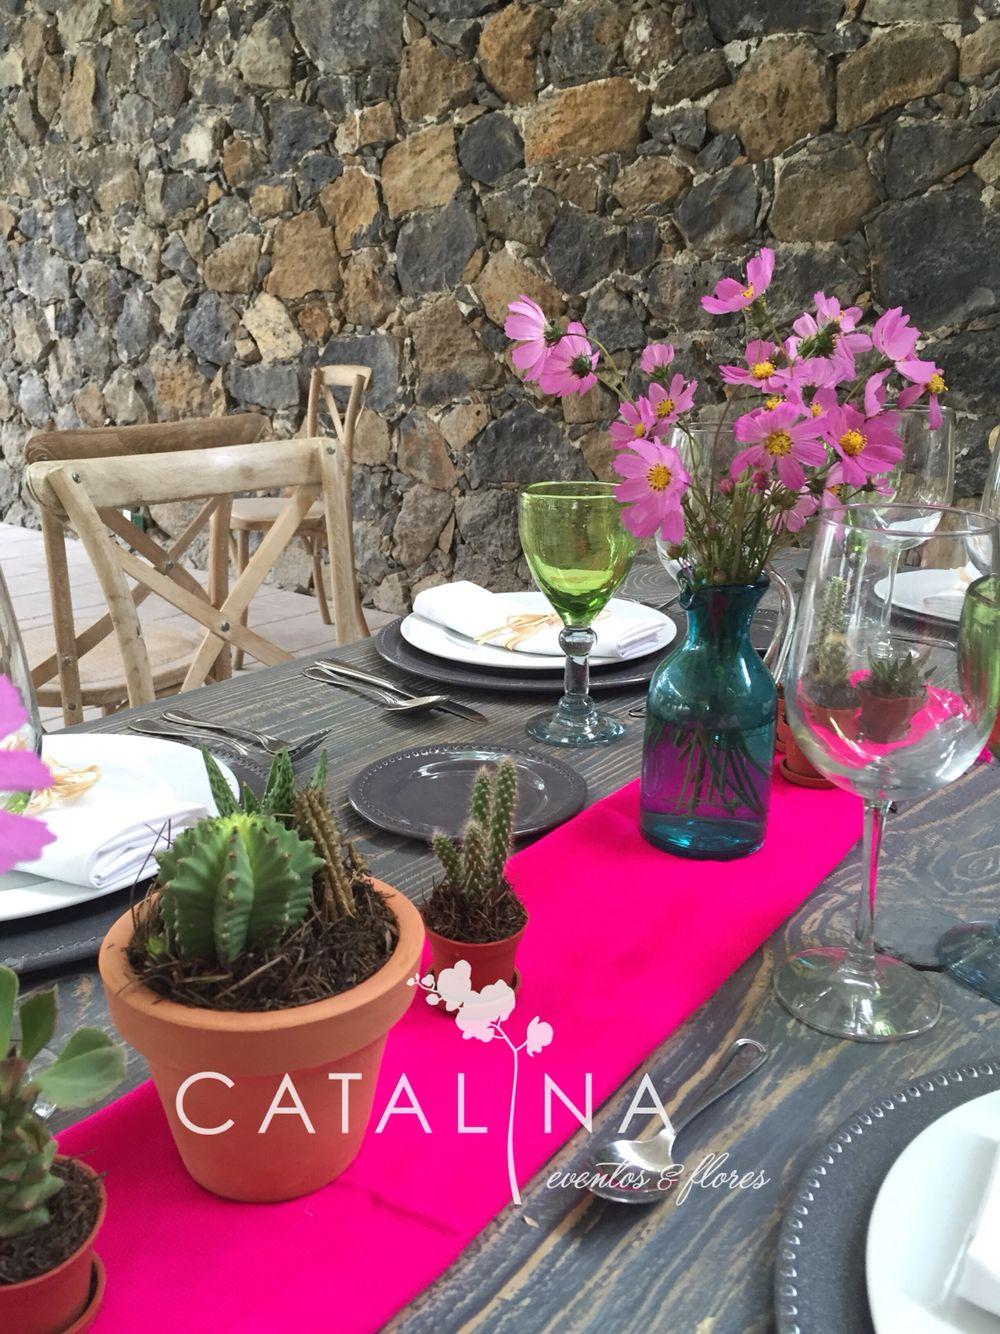 Centro de mesa mexicano con nopales y flores silvestres